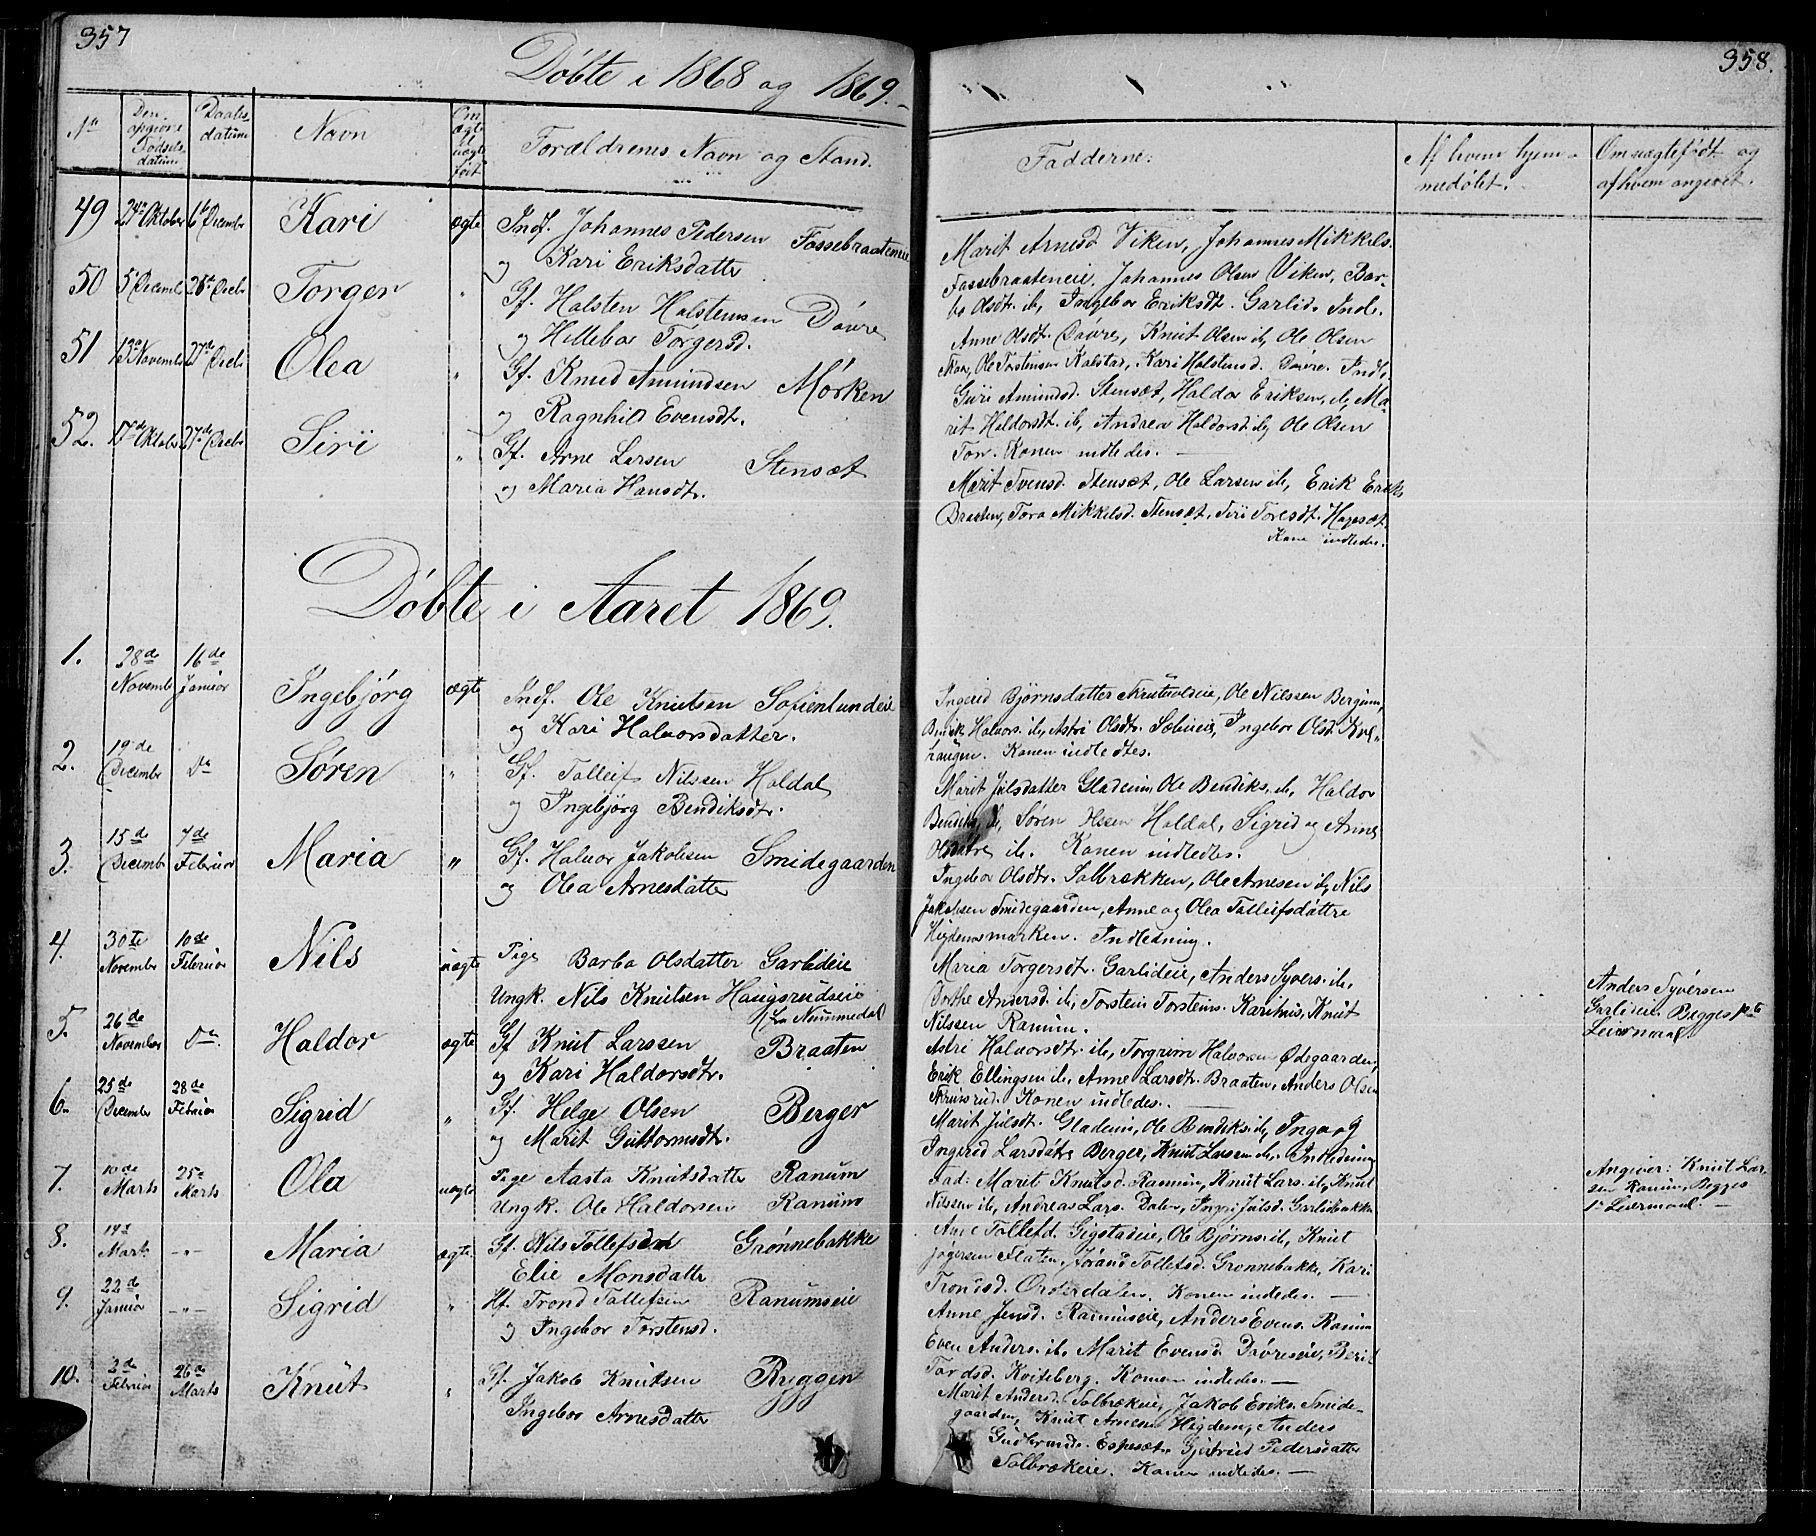 SAH, Nord-Aurdal prestekontor, Klokkerbok nr. 1, 1834-1887, s. 357-358